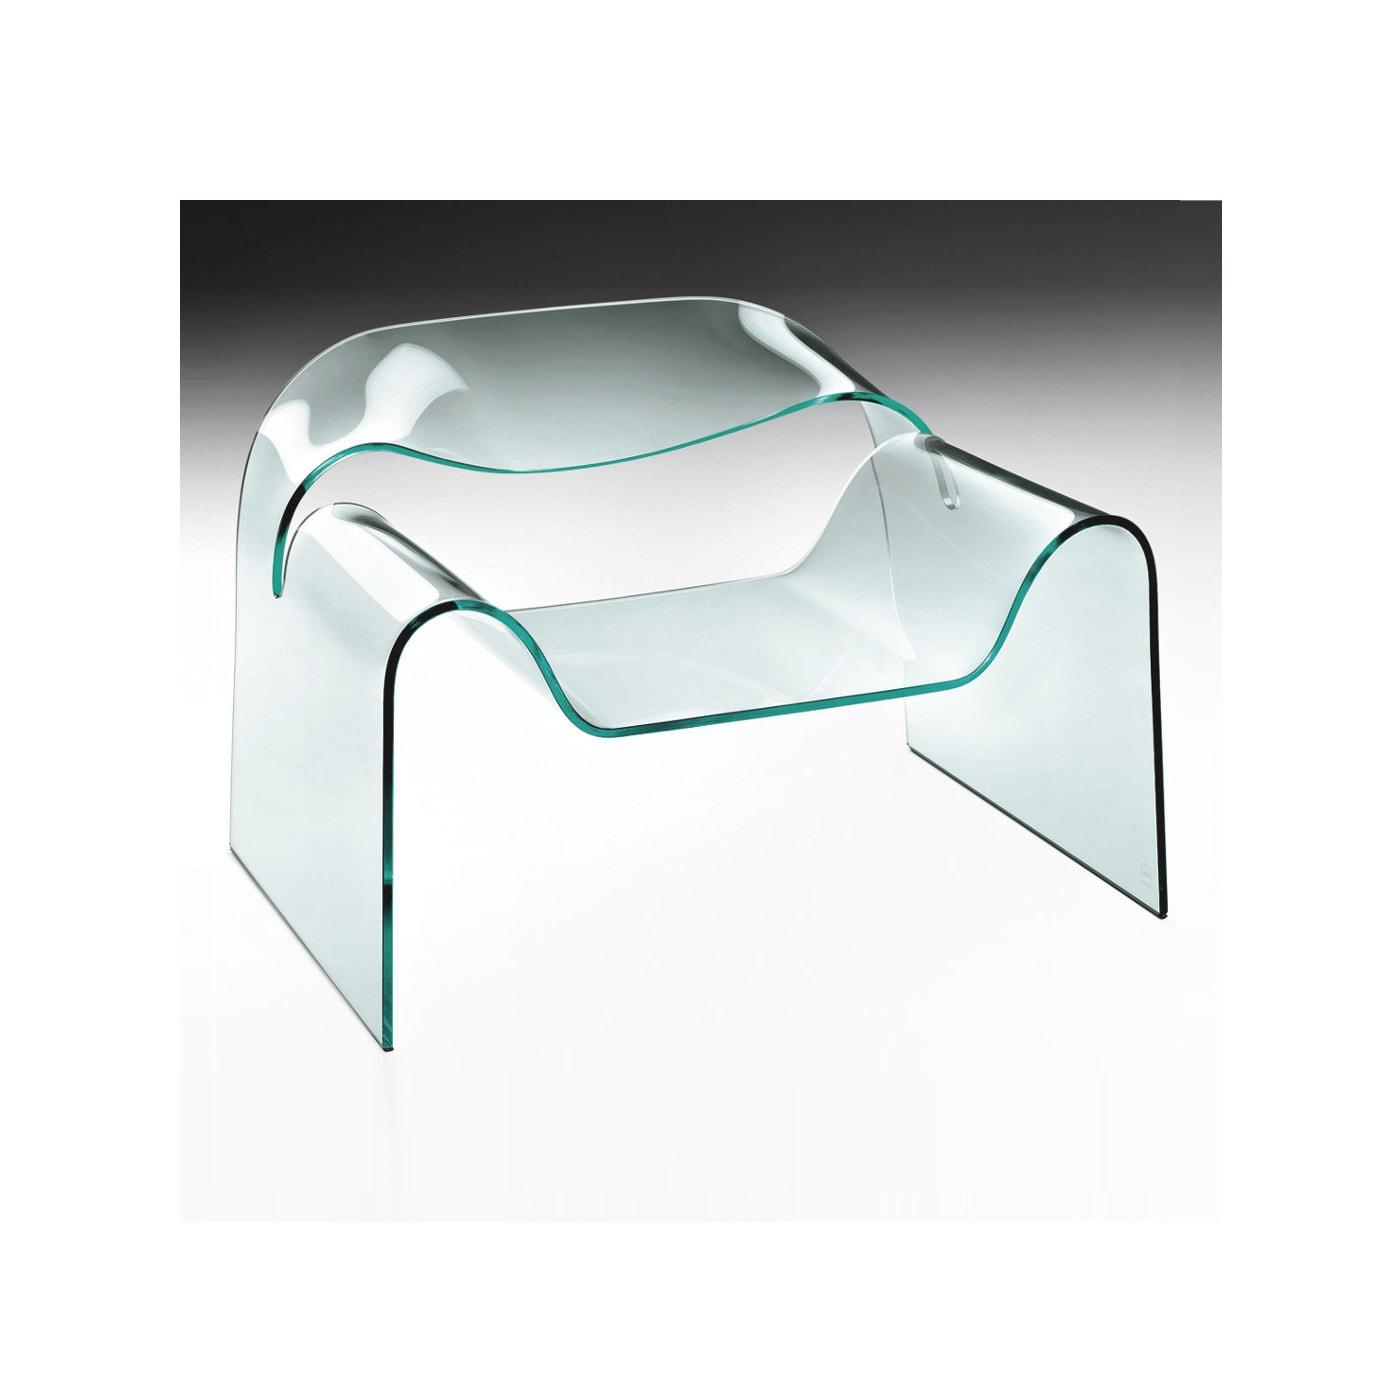 FIAM Ghost poltrona vetro curvato Cini Boeri